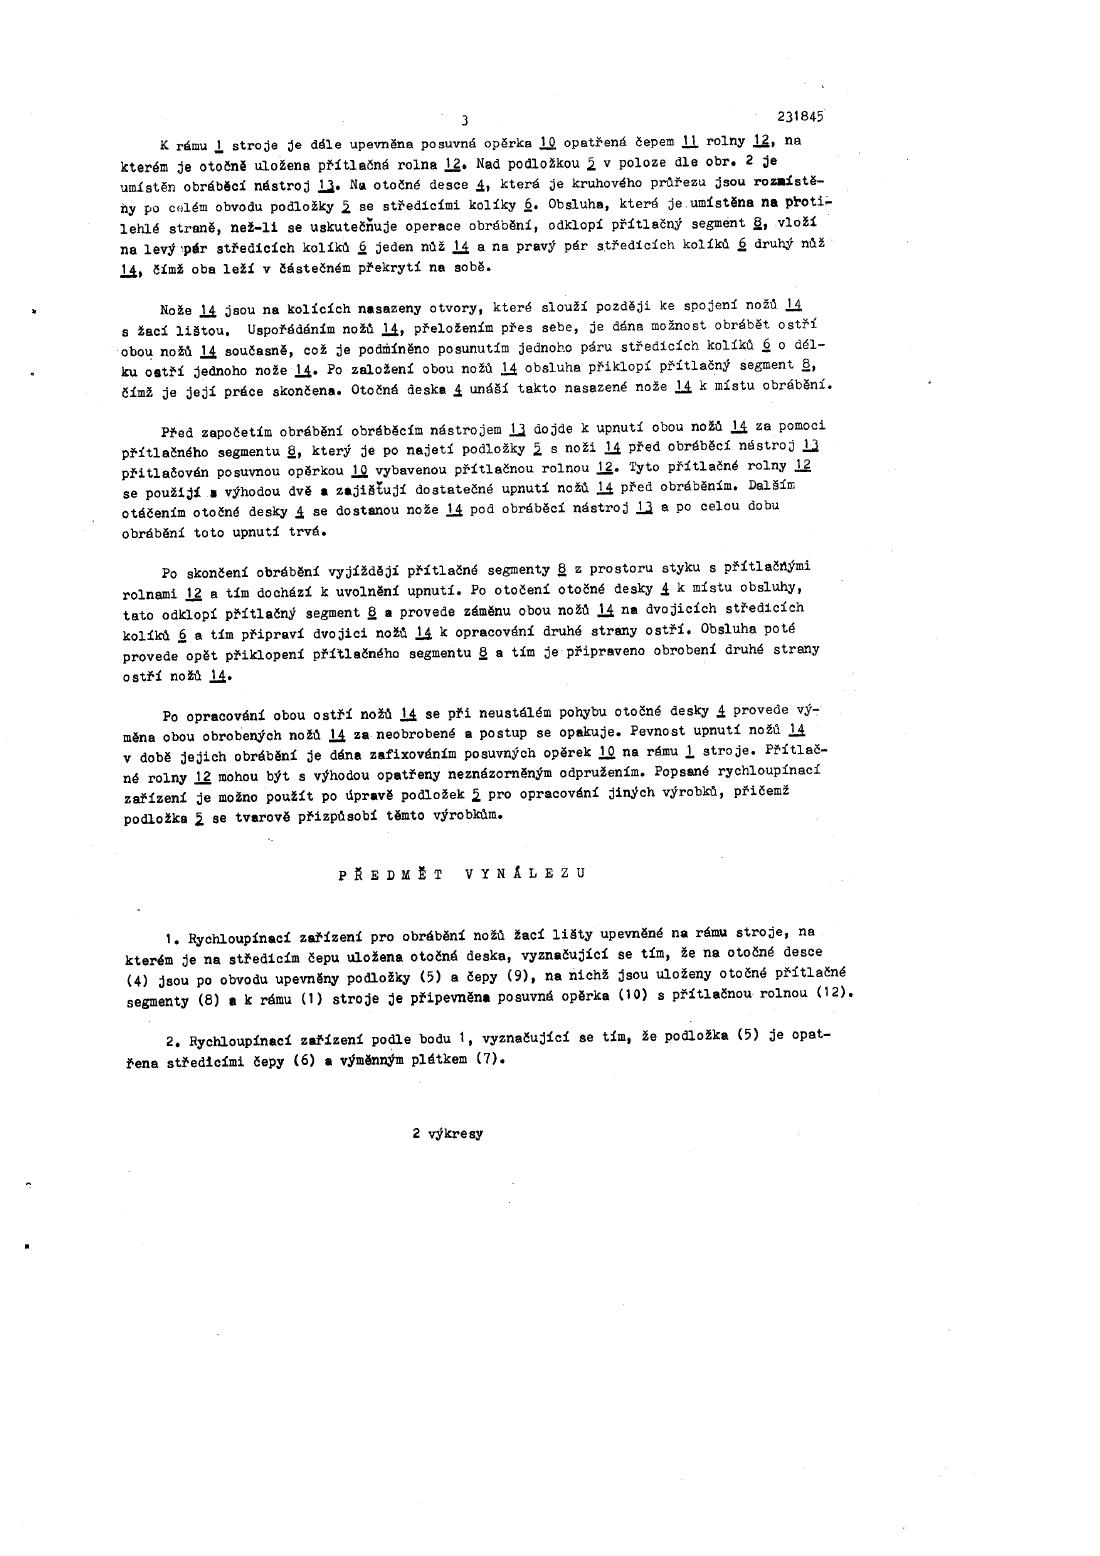 Rychloupinaci Zarizeni Pro Obrabeni Nozu Zaci Listy 15 06 1986